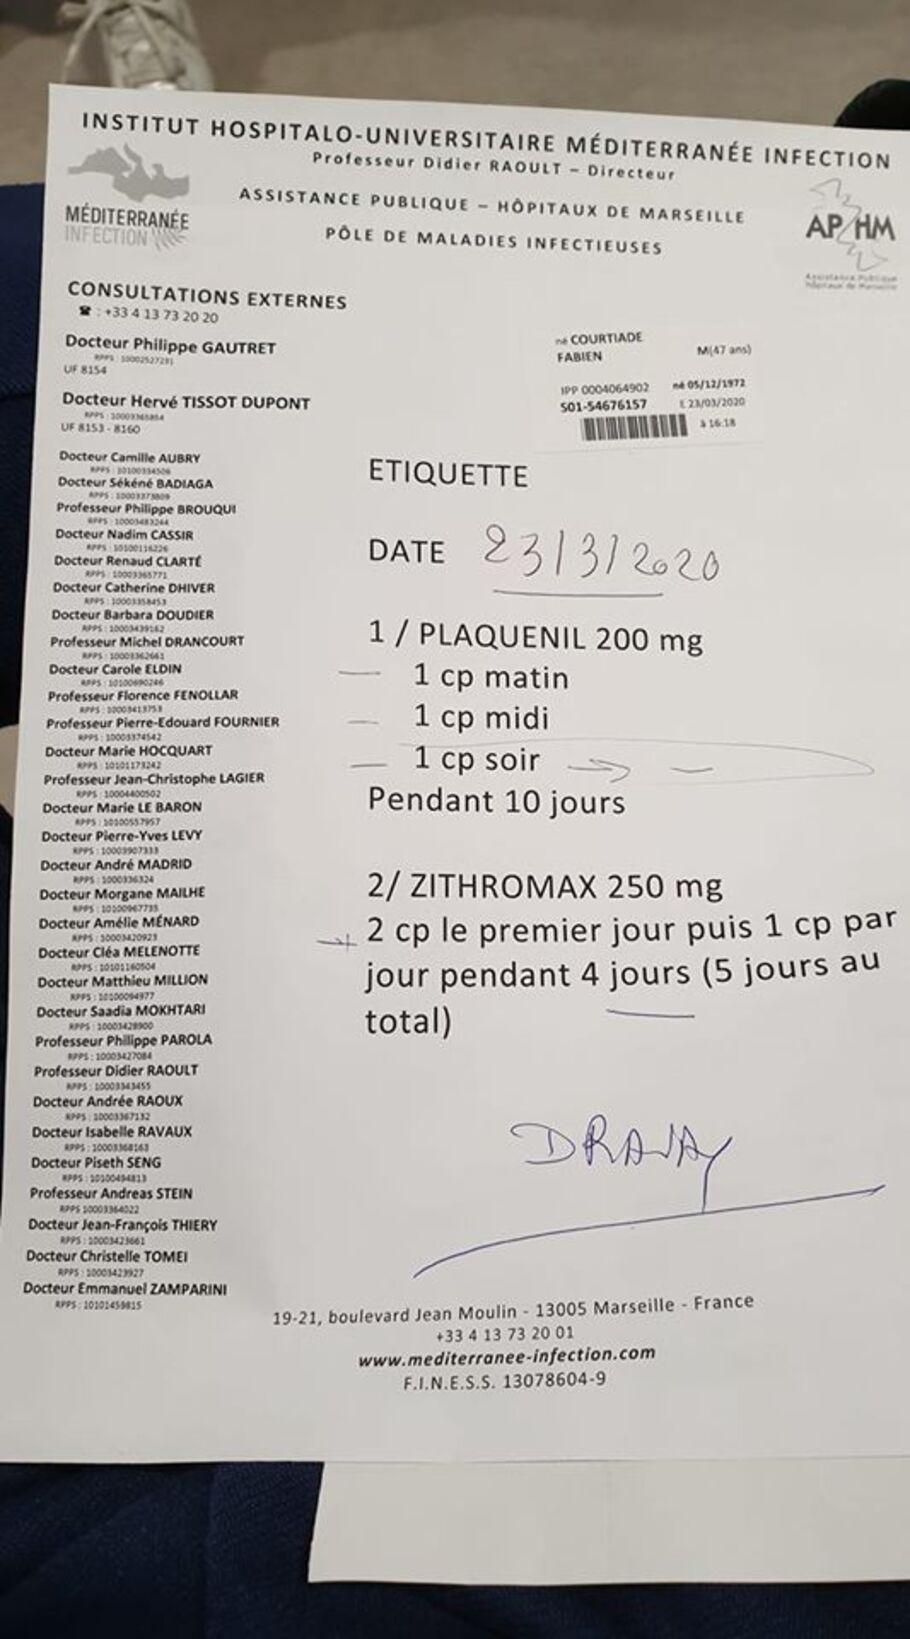 - Covid-19 et soins, le témoignage d'un malade guéri par le protocole Raoult !